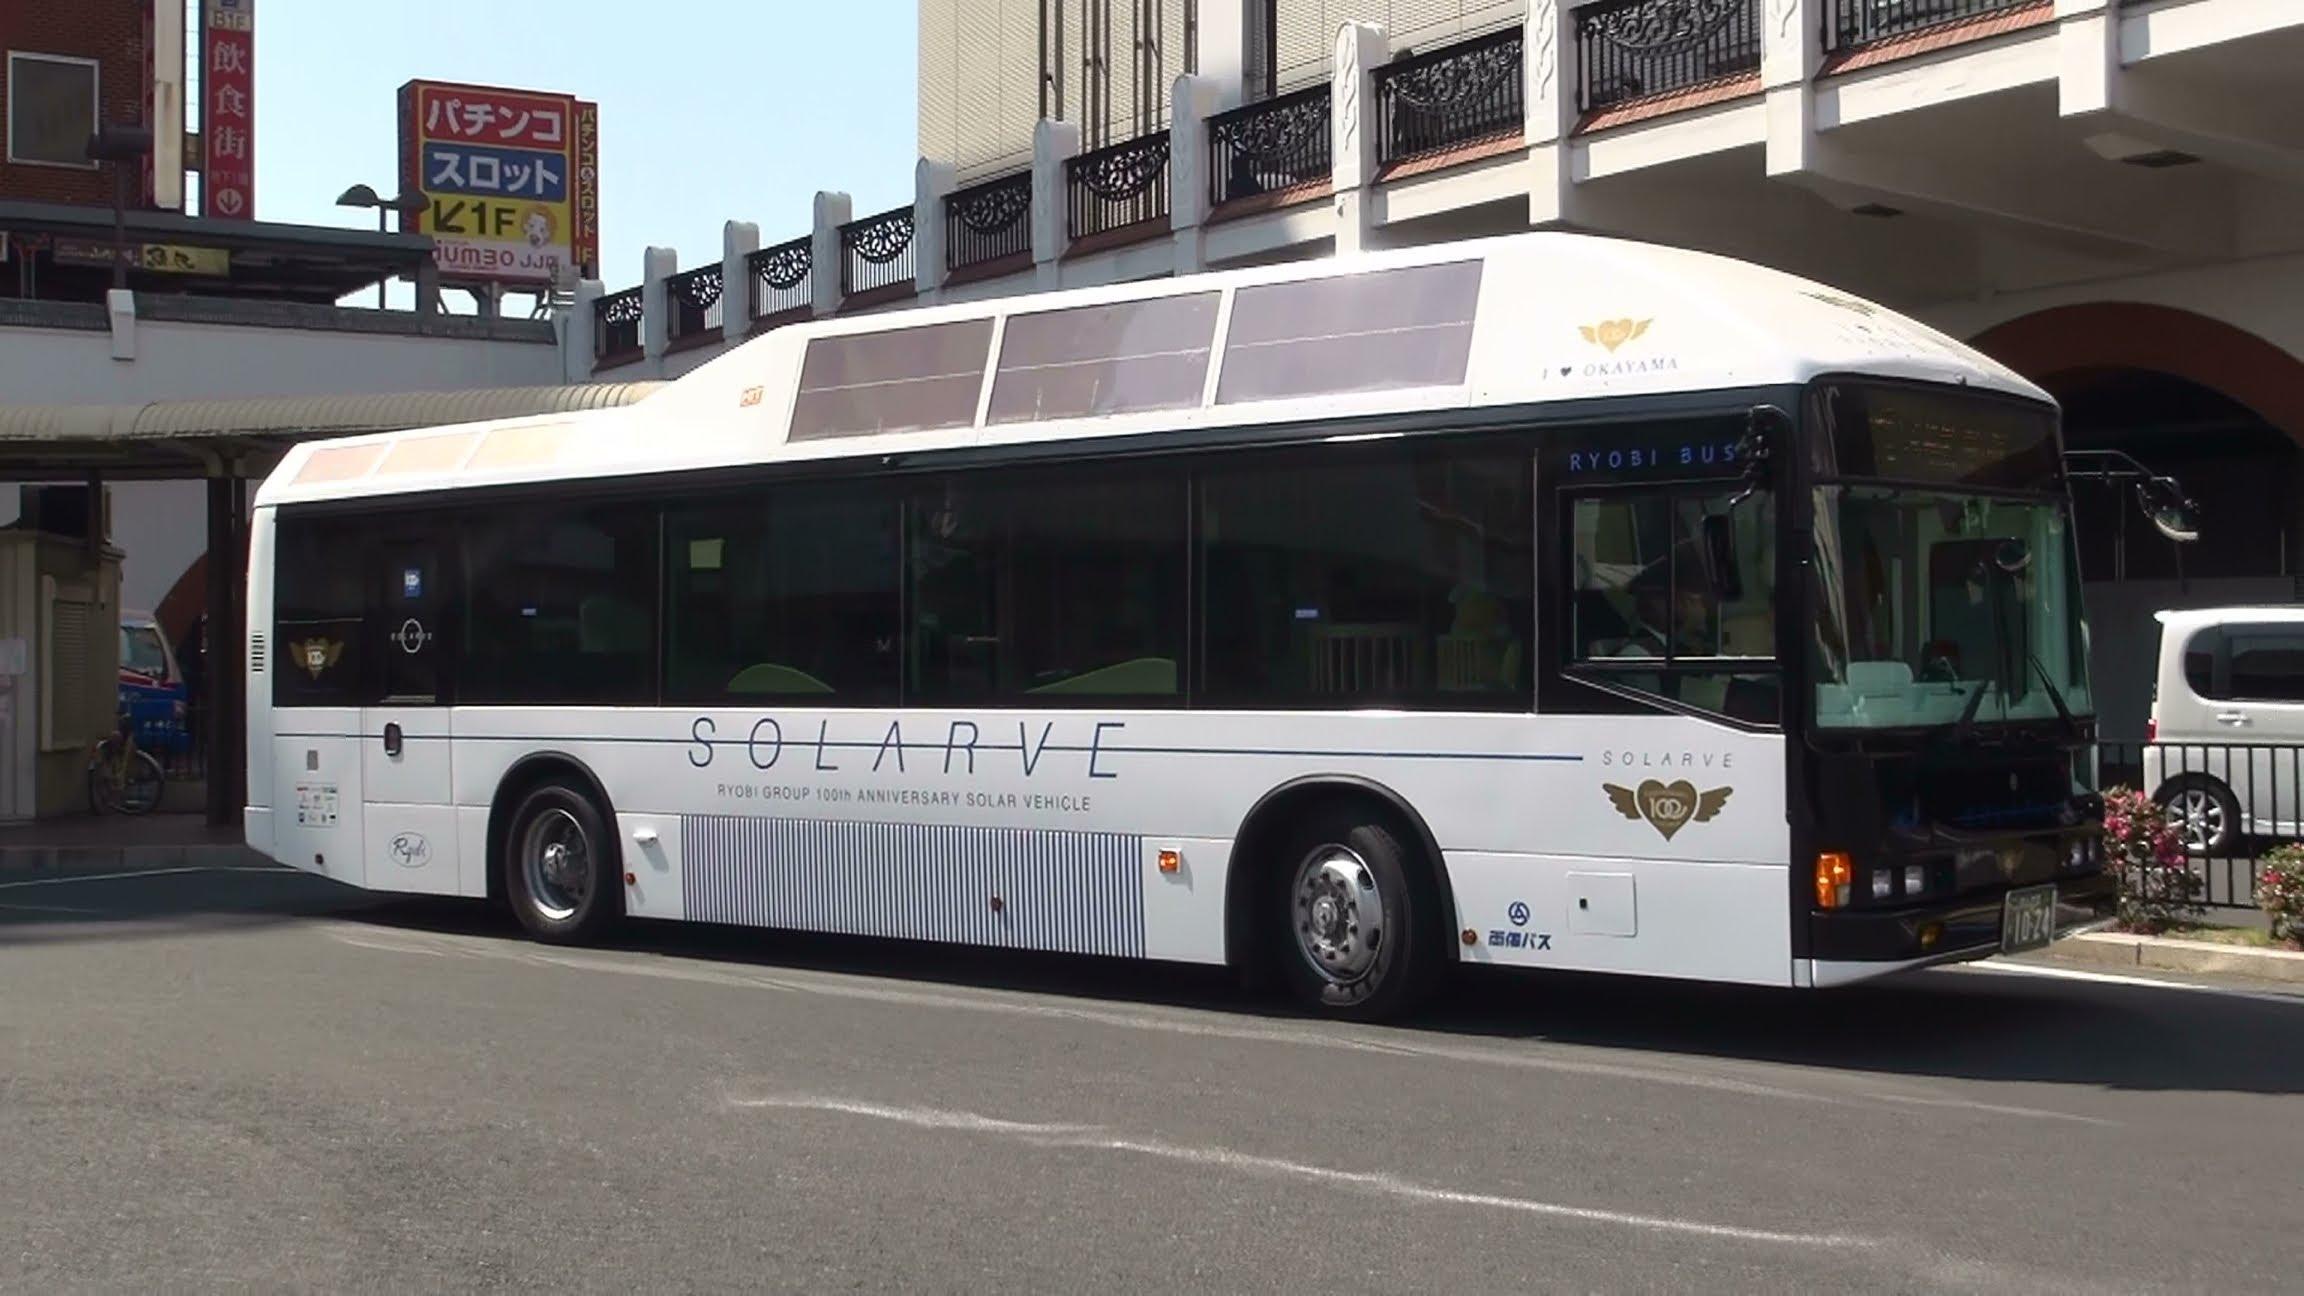 【世界に1台】 岡山・両備バスの未来バス「ソラビ(SORARVE)」2013/03/15